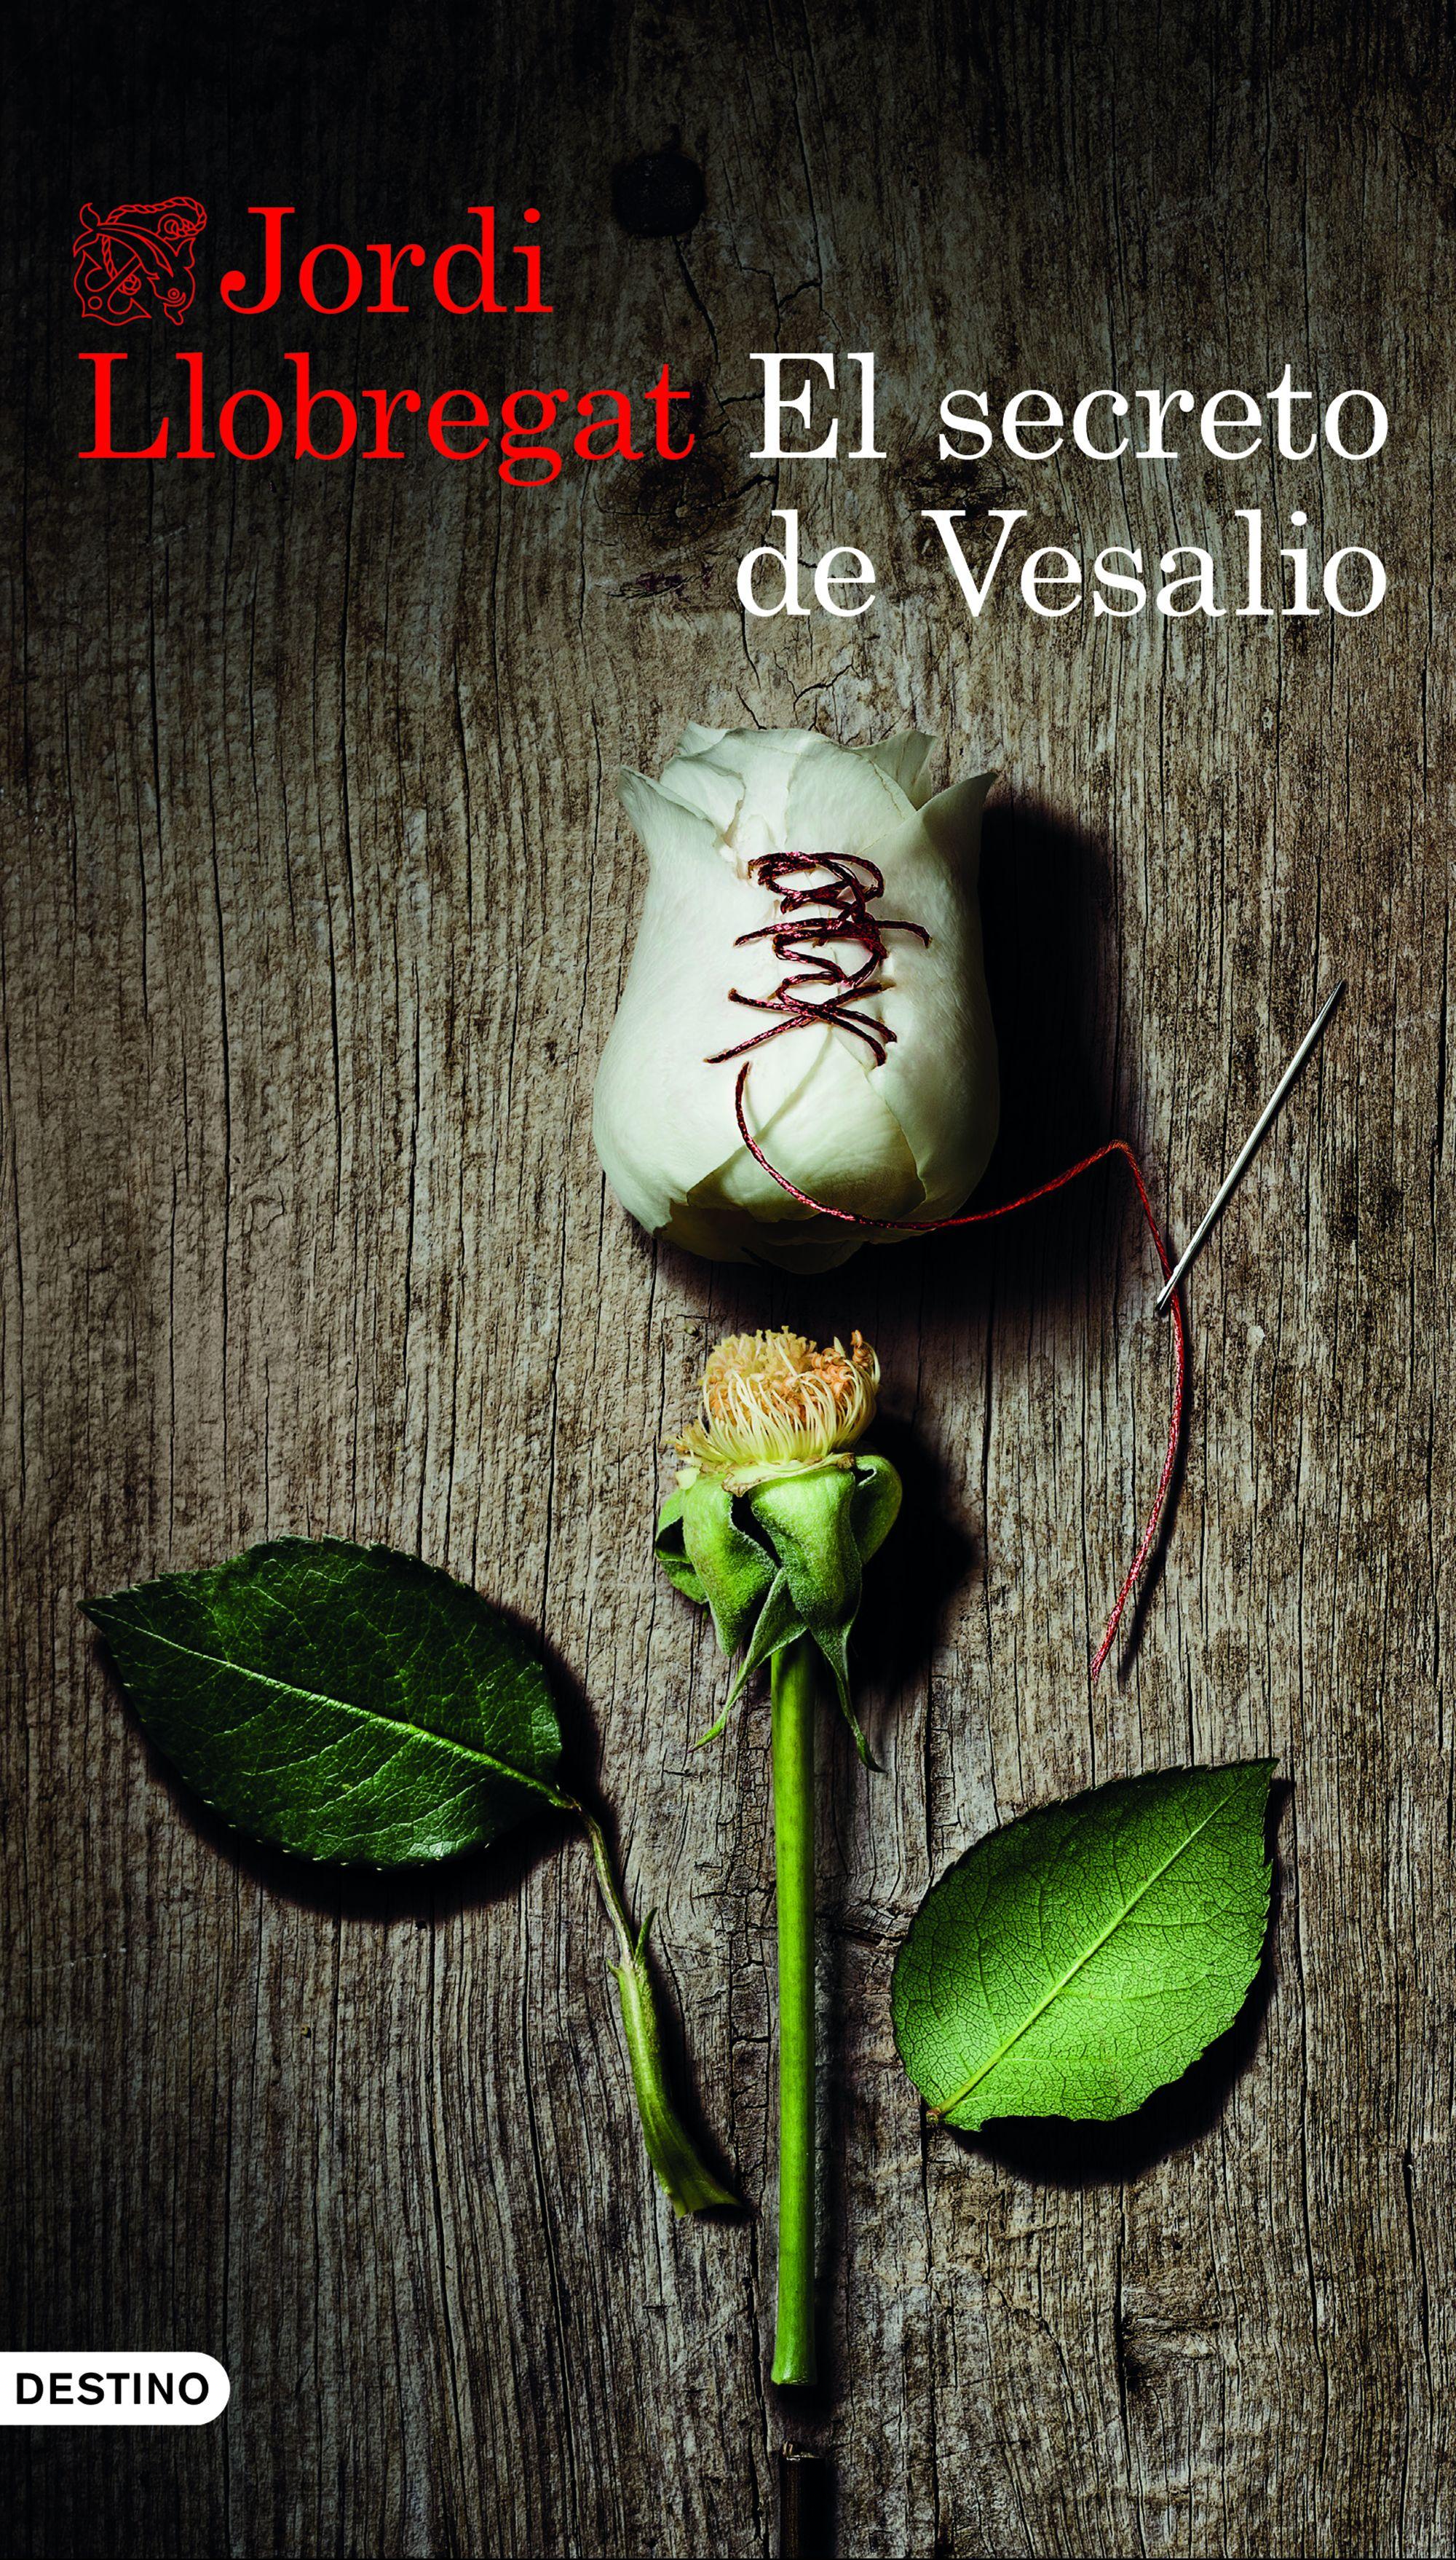 El secreto de Vesalio - Jordi Llobregat Portada